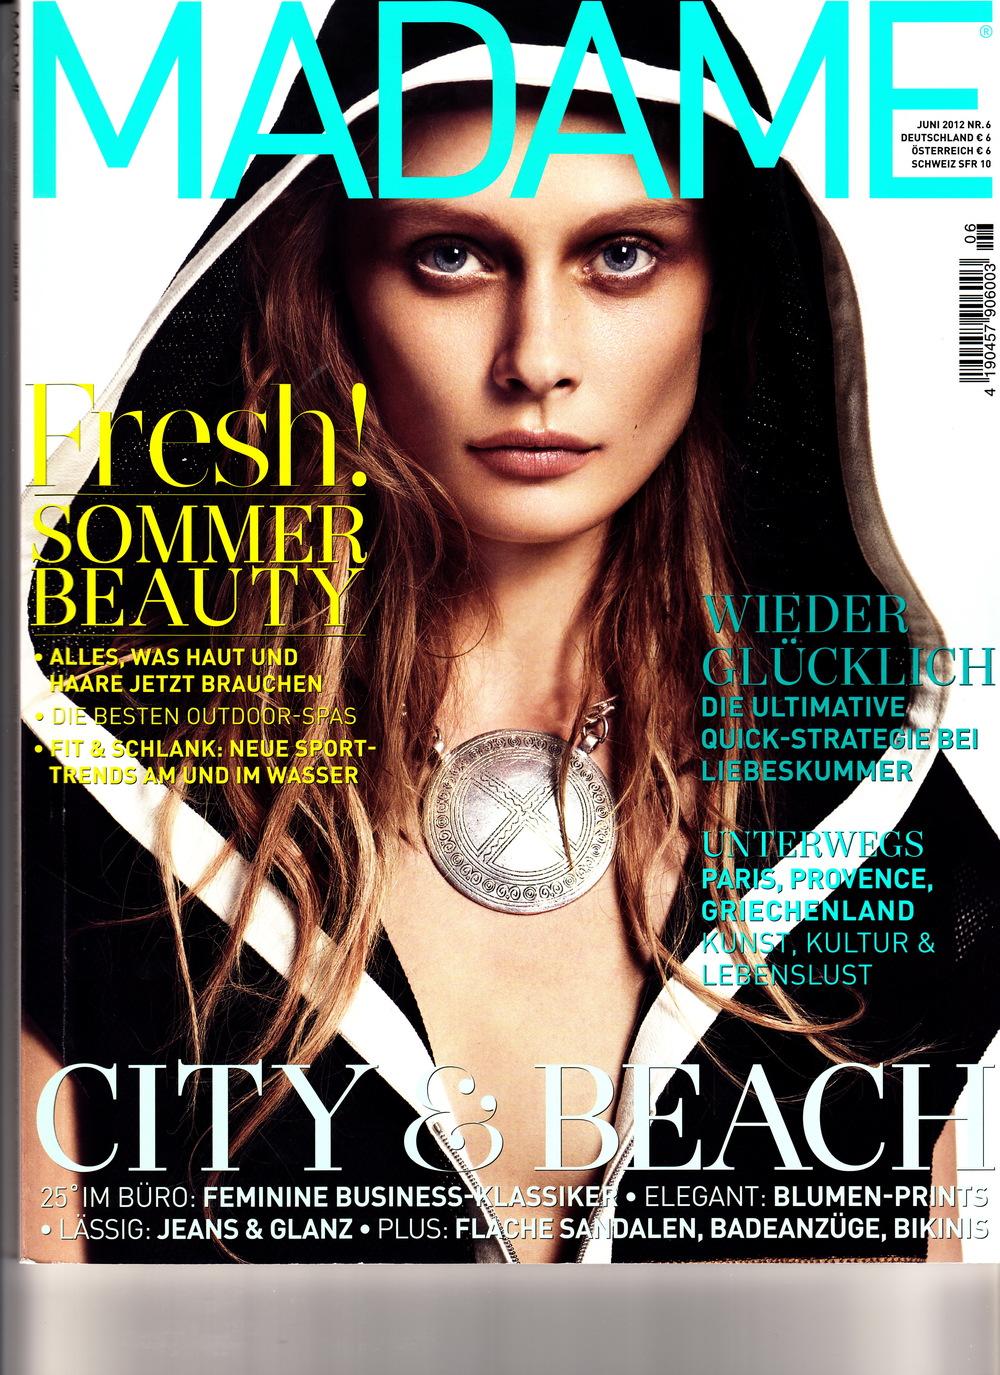 MADAME Juni 2012 Cover.jpg